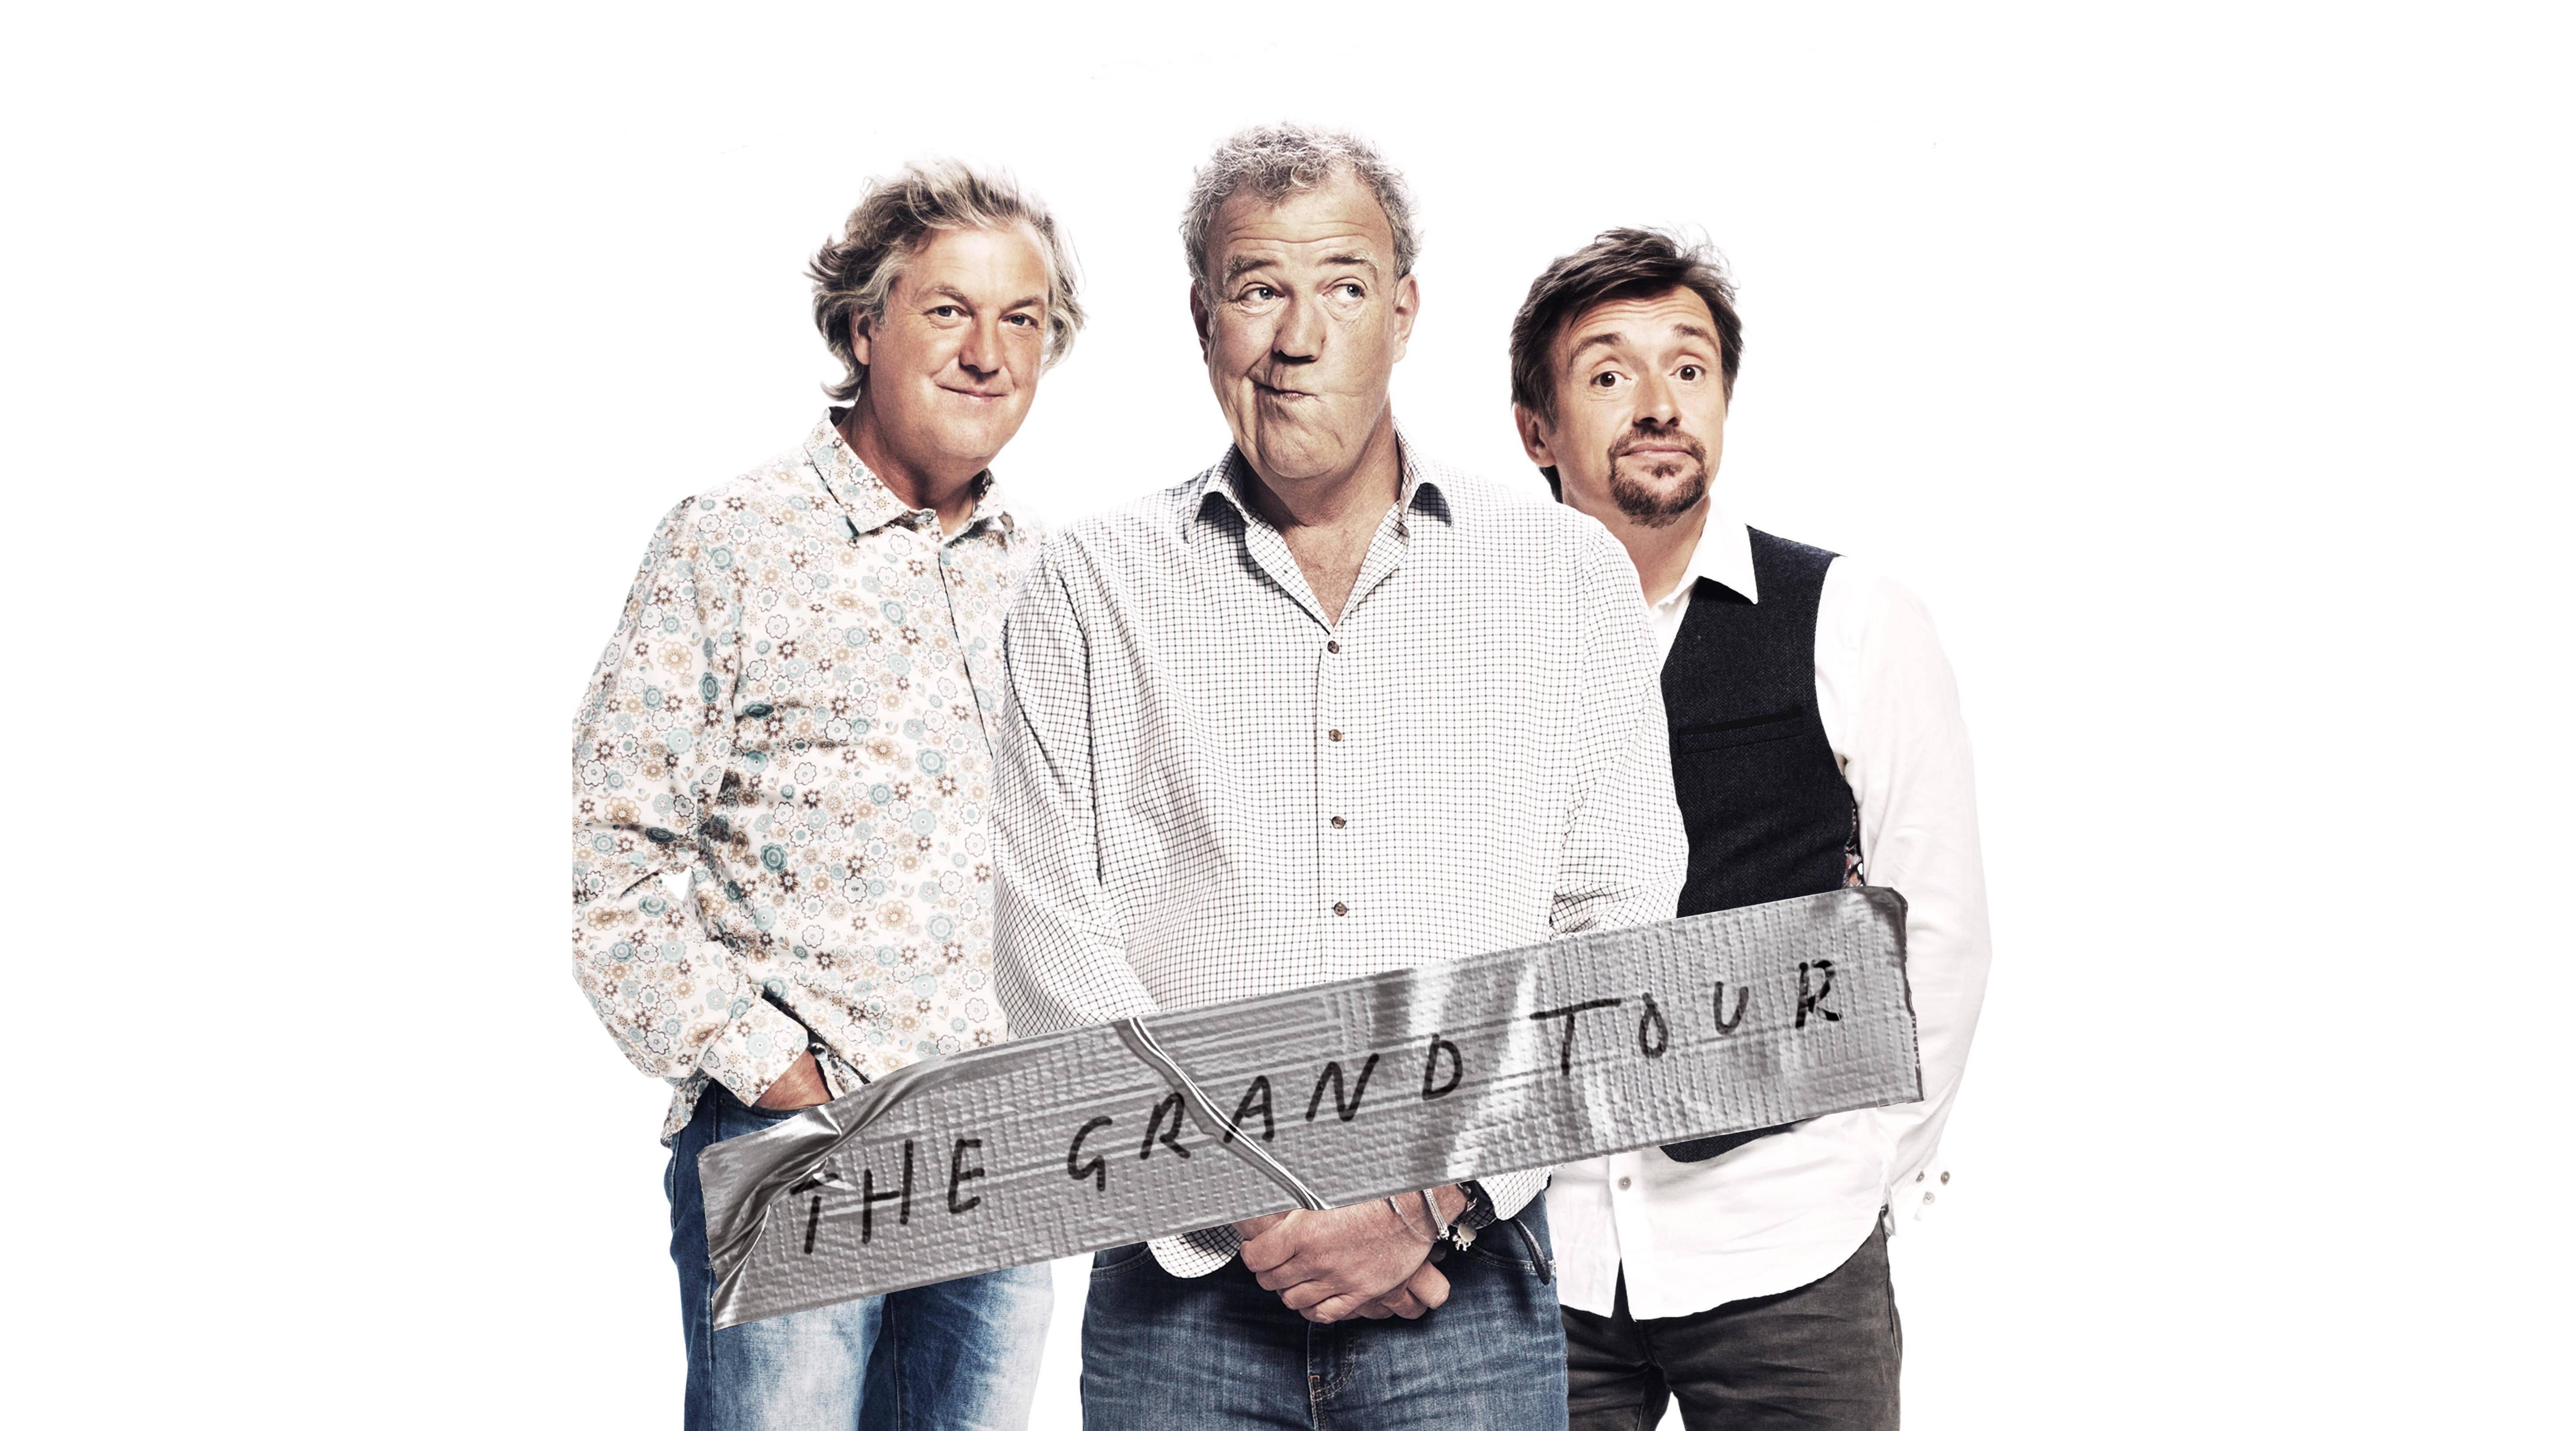 Кларксон создаст альтернативу автомобильному шоу Top Gear 1